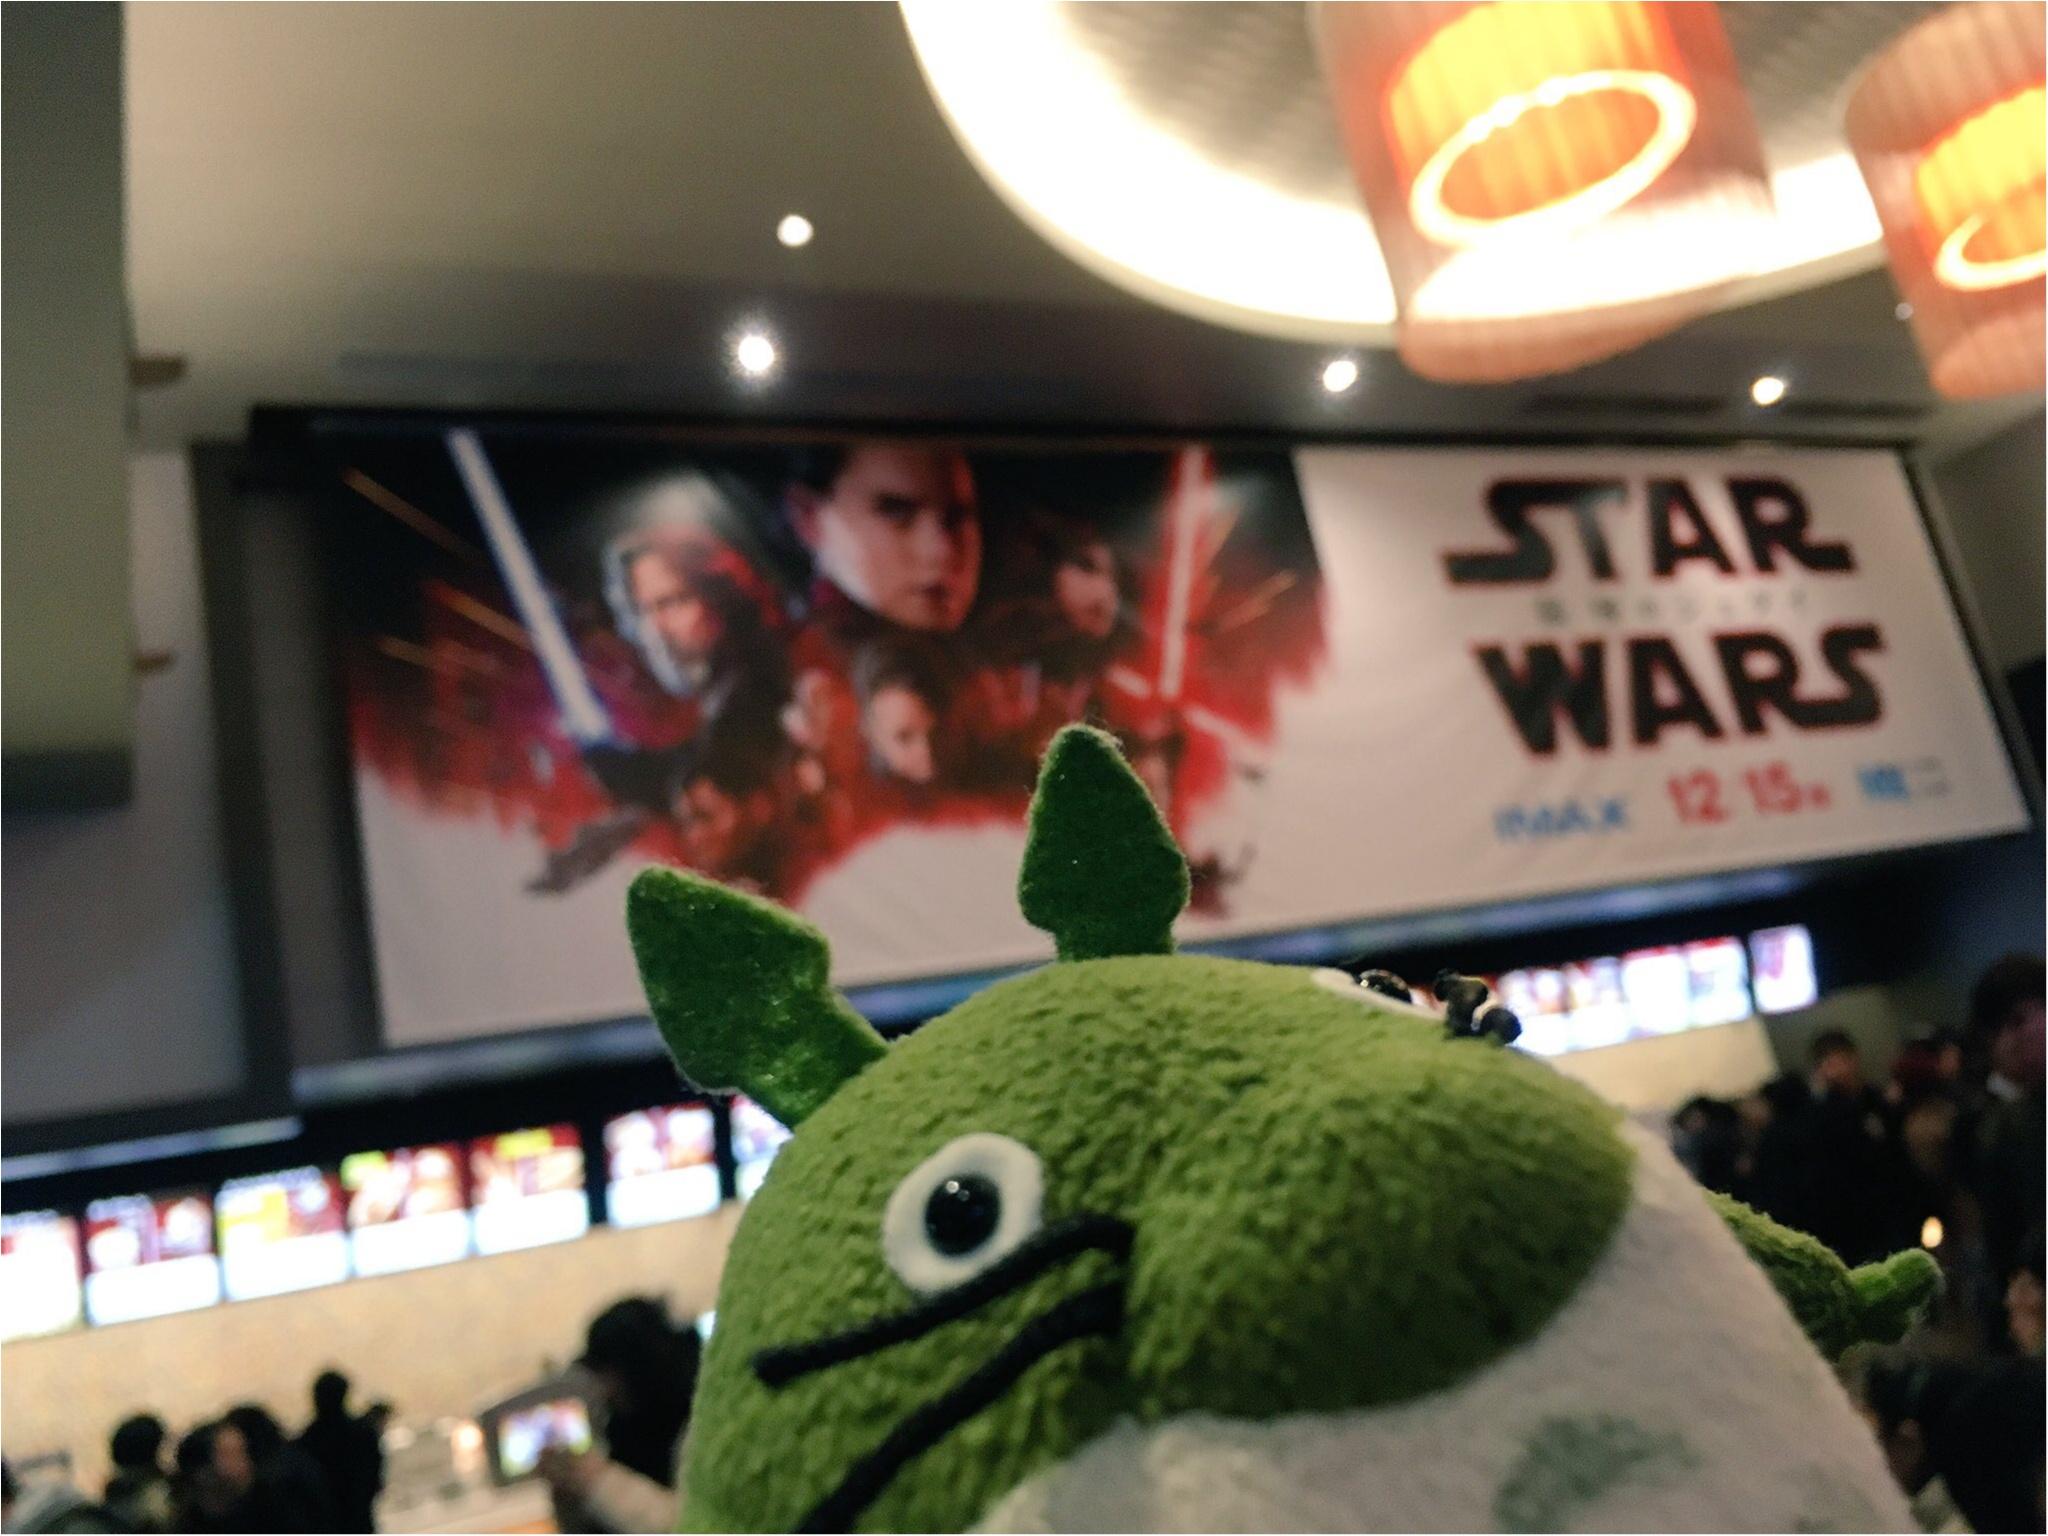 Star Wars最新作『The  Last Jedi』を見てきました!☆_2